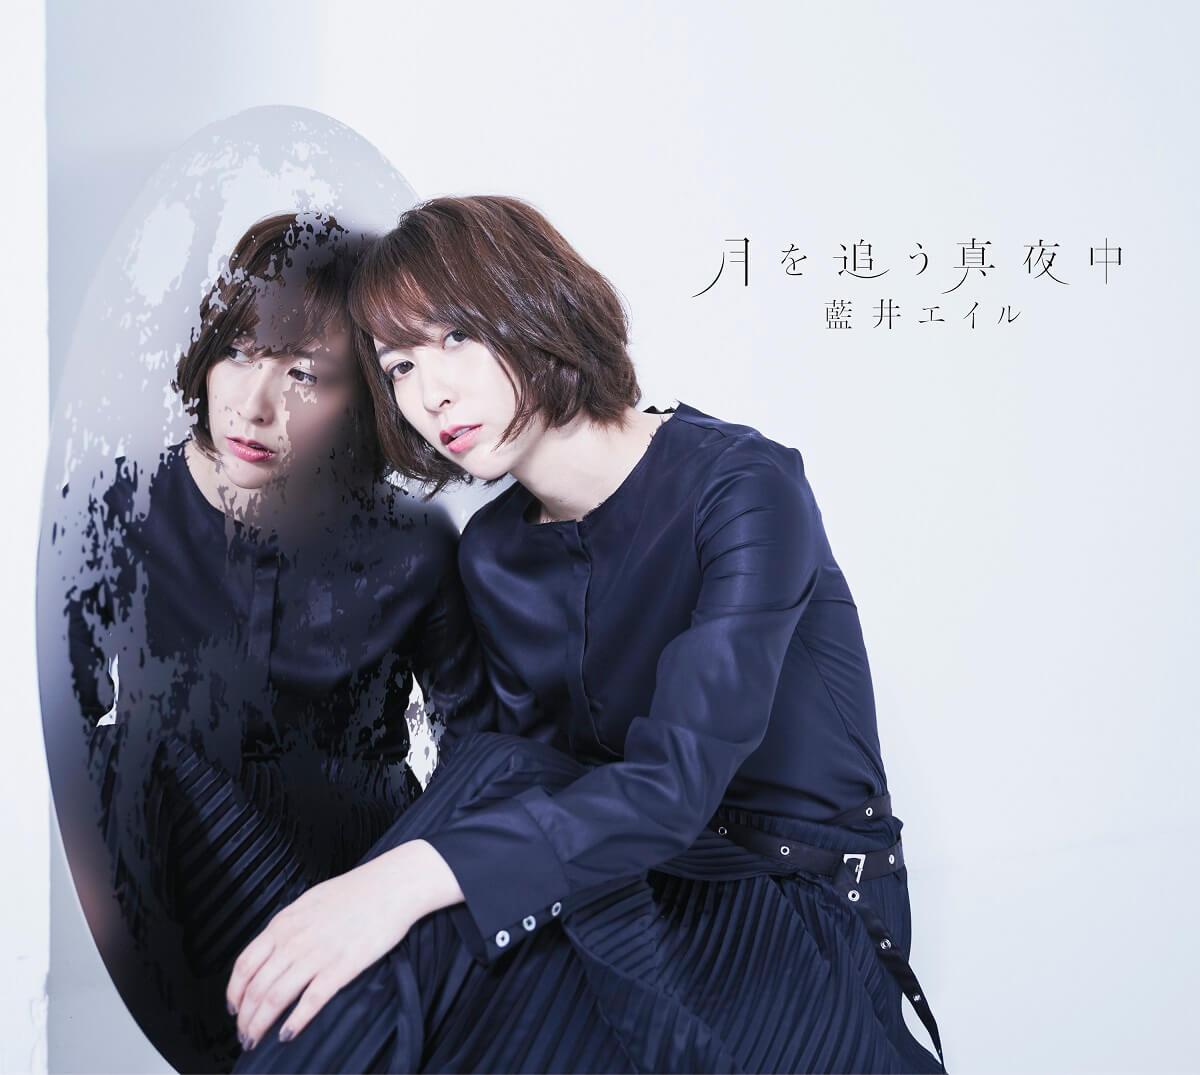 藍井エイル Aoi Eir Shokaiban_JK